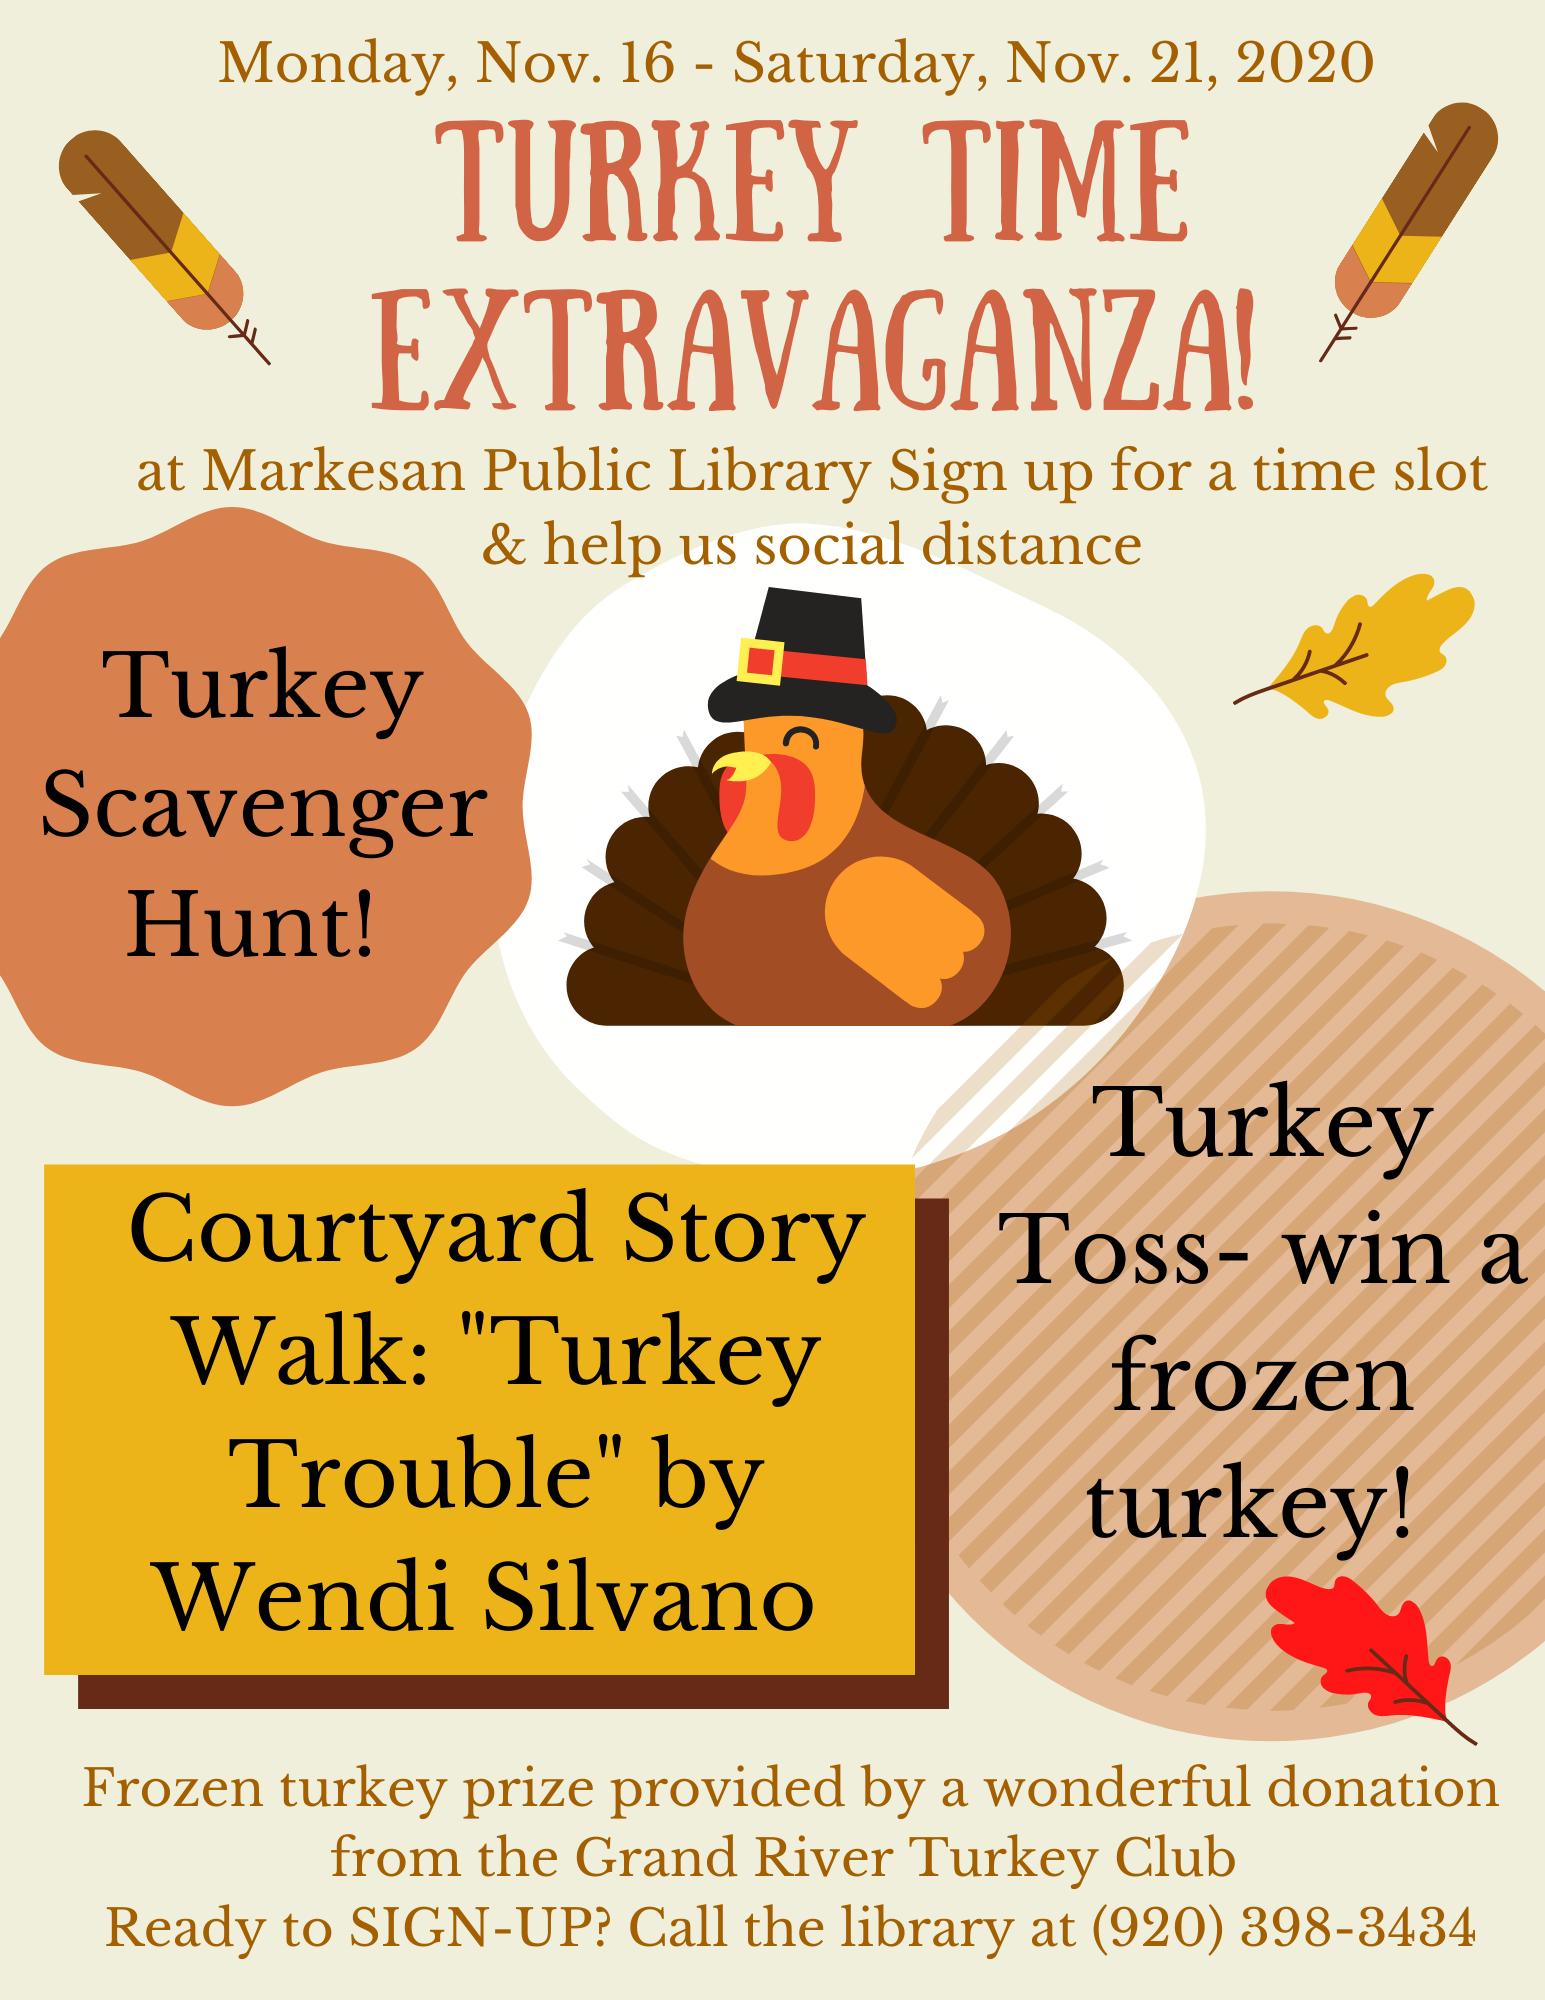 Turkey Time Extravaganza: Mon.Nov. 16 - Sat. Nov. 21